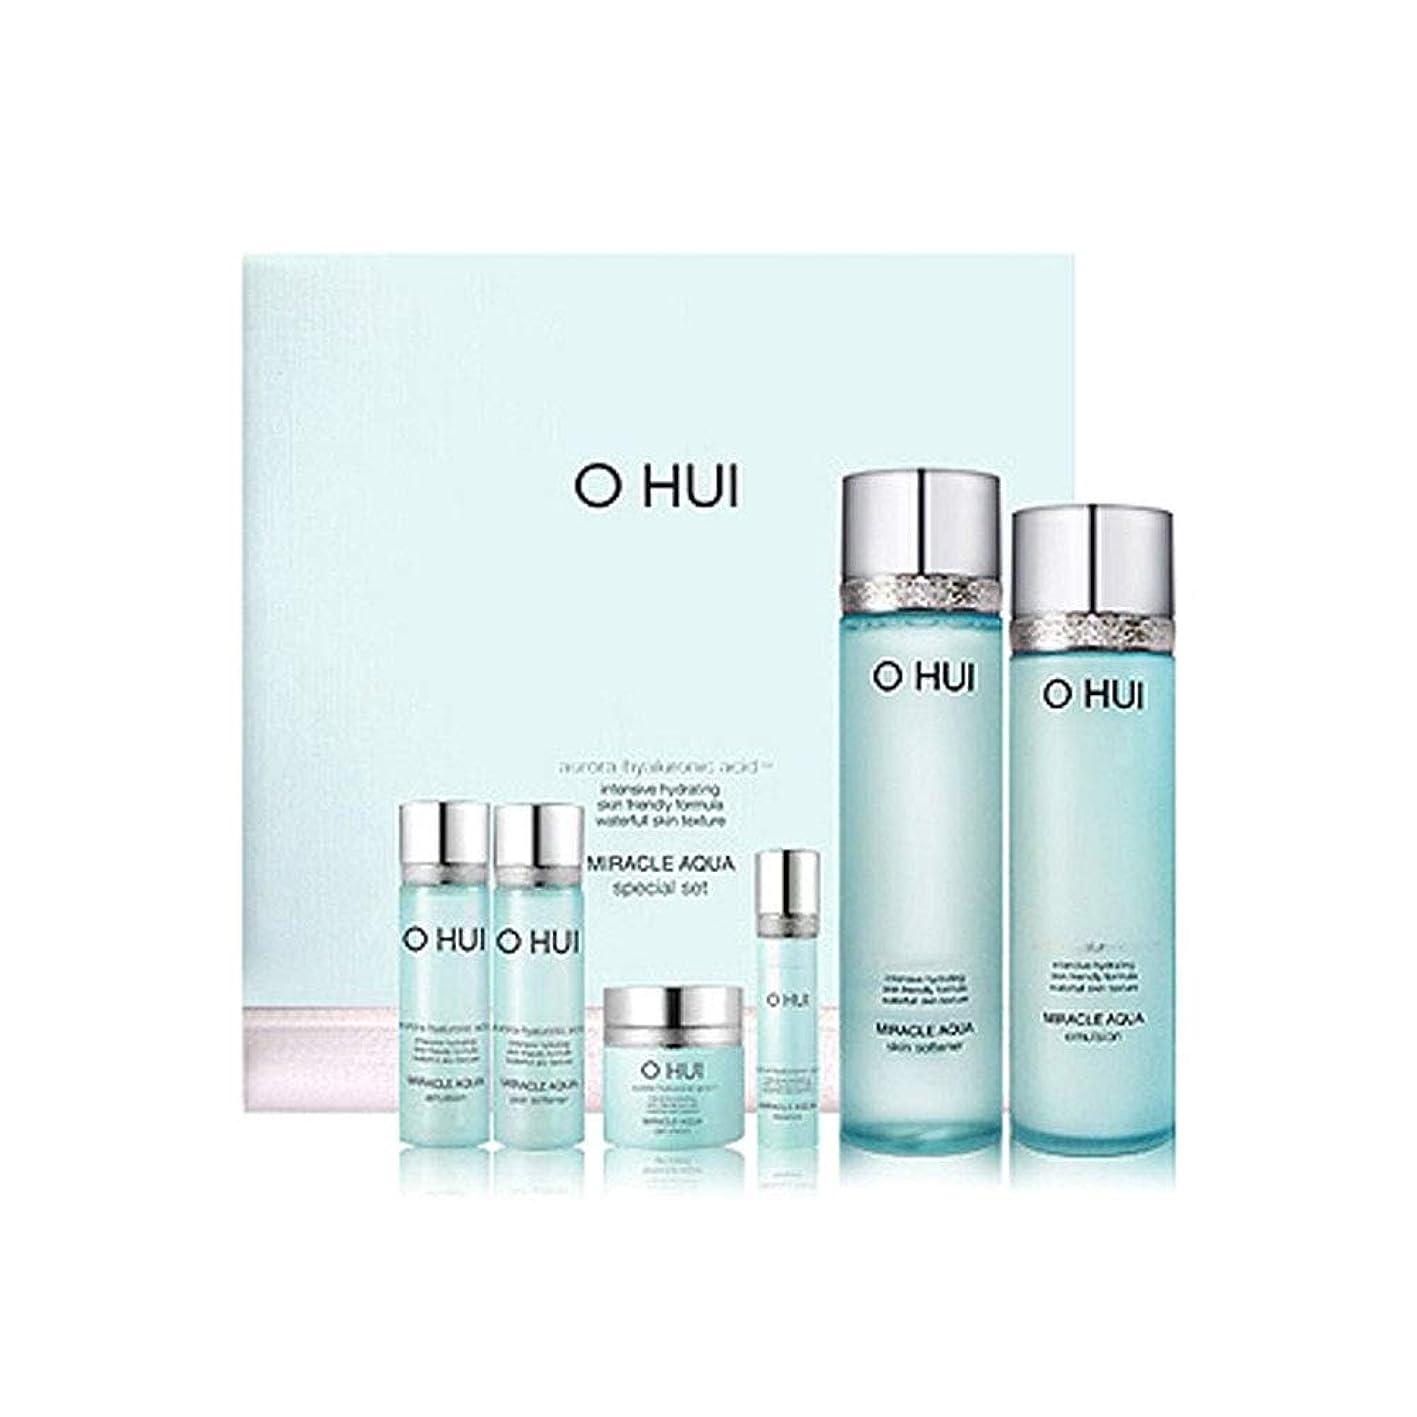 せせらぎ爆弾まっすぐオフィミラクルアクアスキンソフナーエマルジョンセット韓国コスメ、O Hui Miracle Aqua Skin Softener Emulsion Set Korean Cosmetics [並行輸入品]